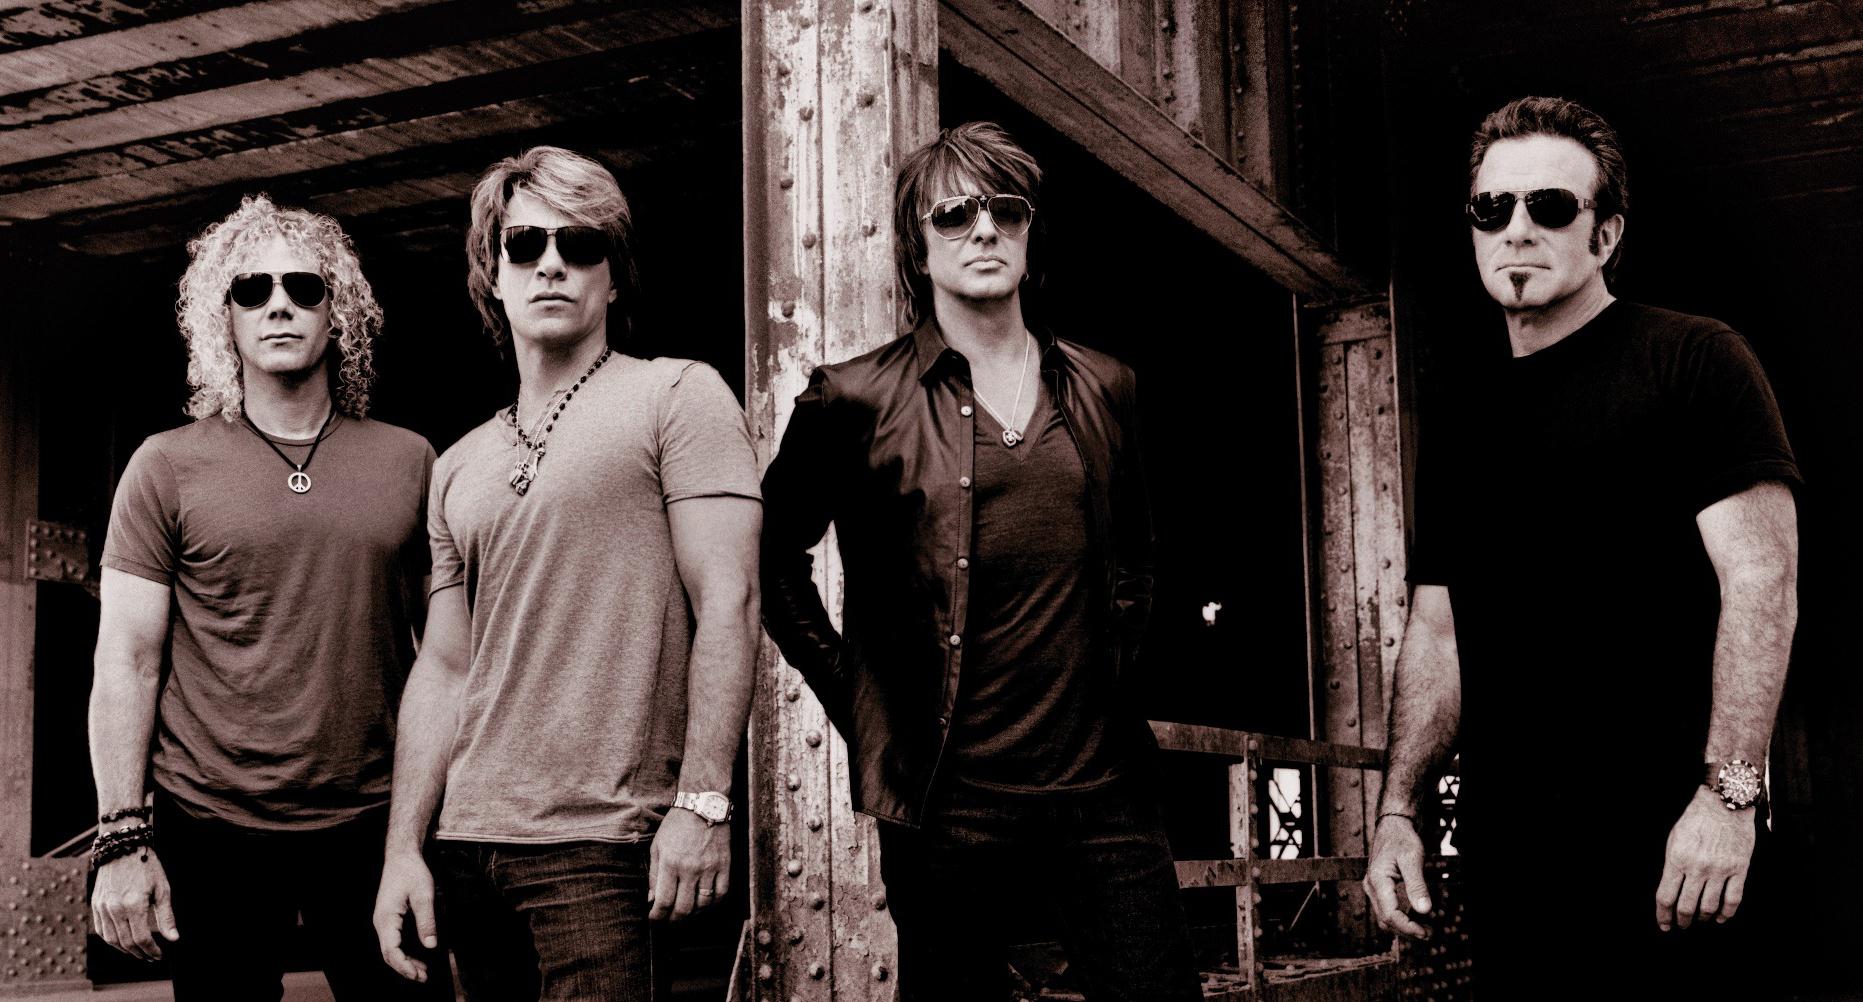 Las mejores Bandas de Rock de los 80, Bon Jovi